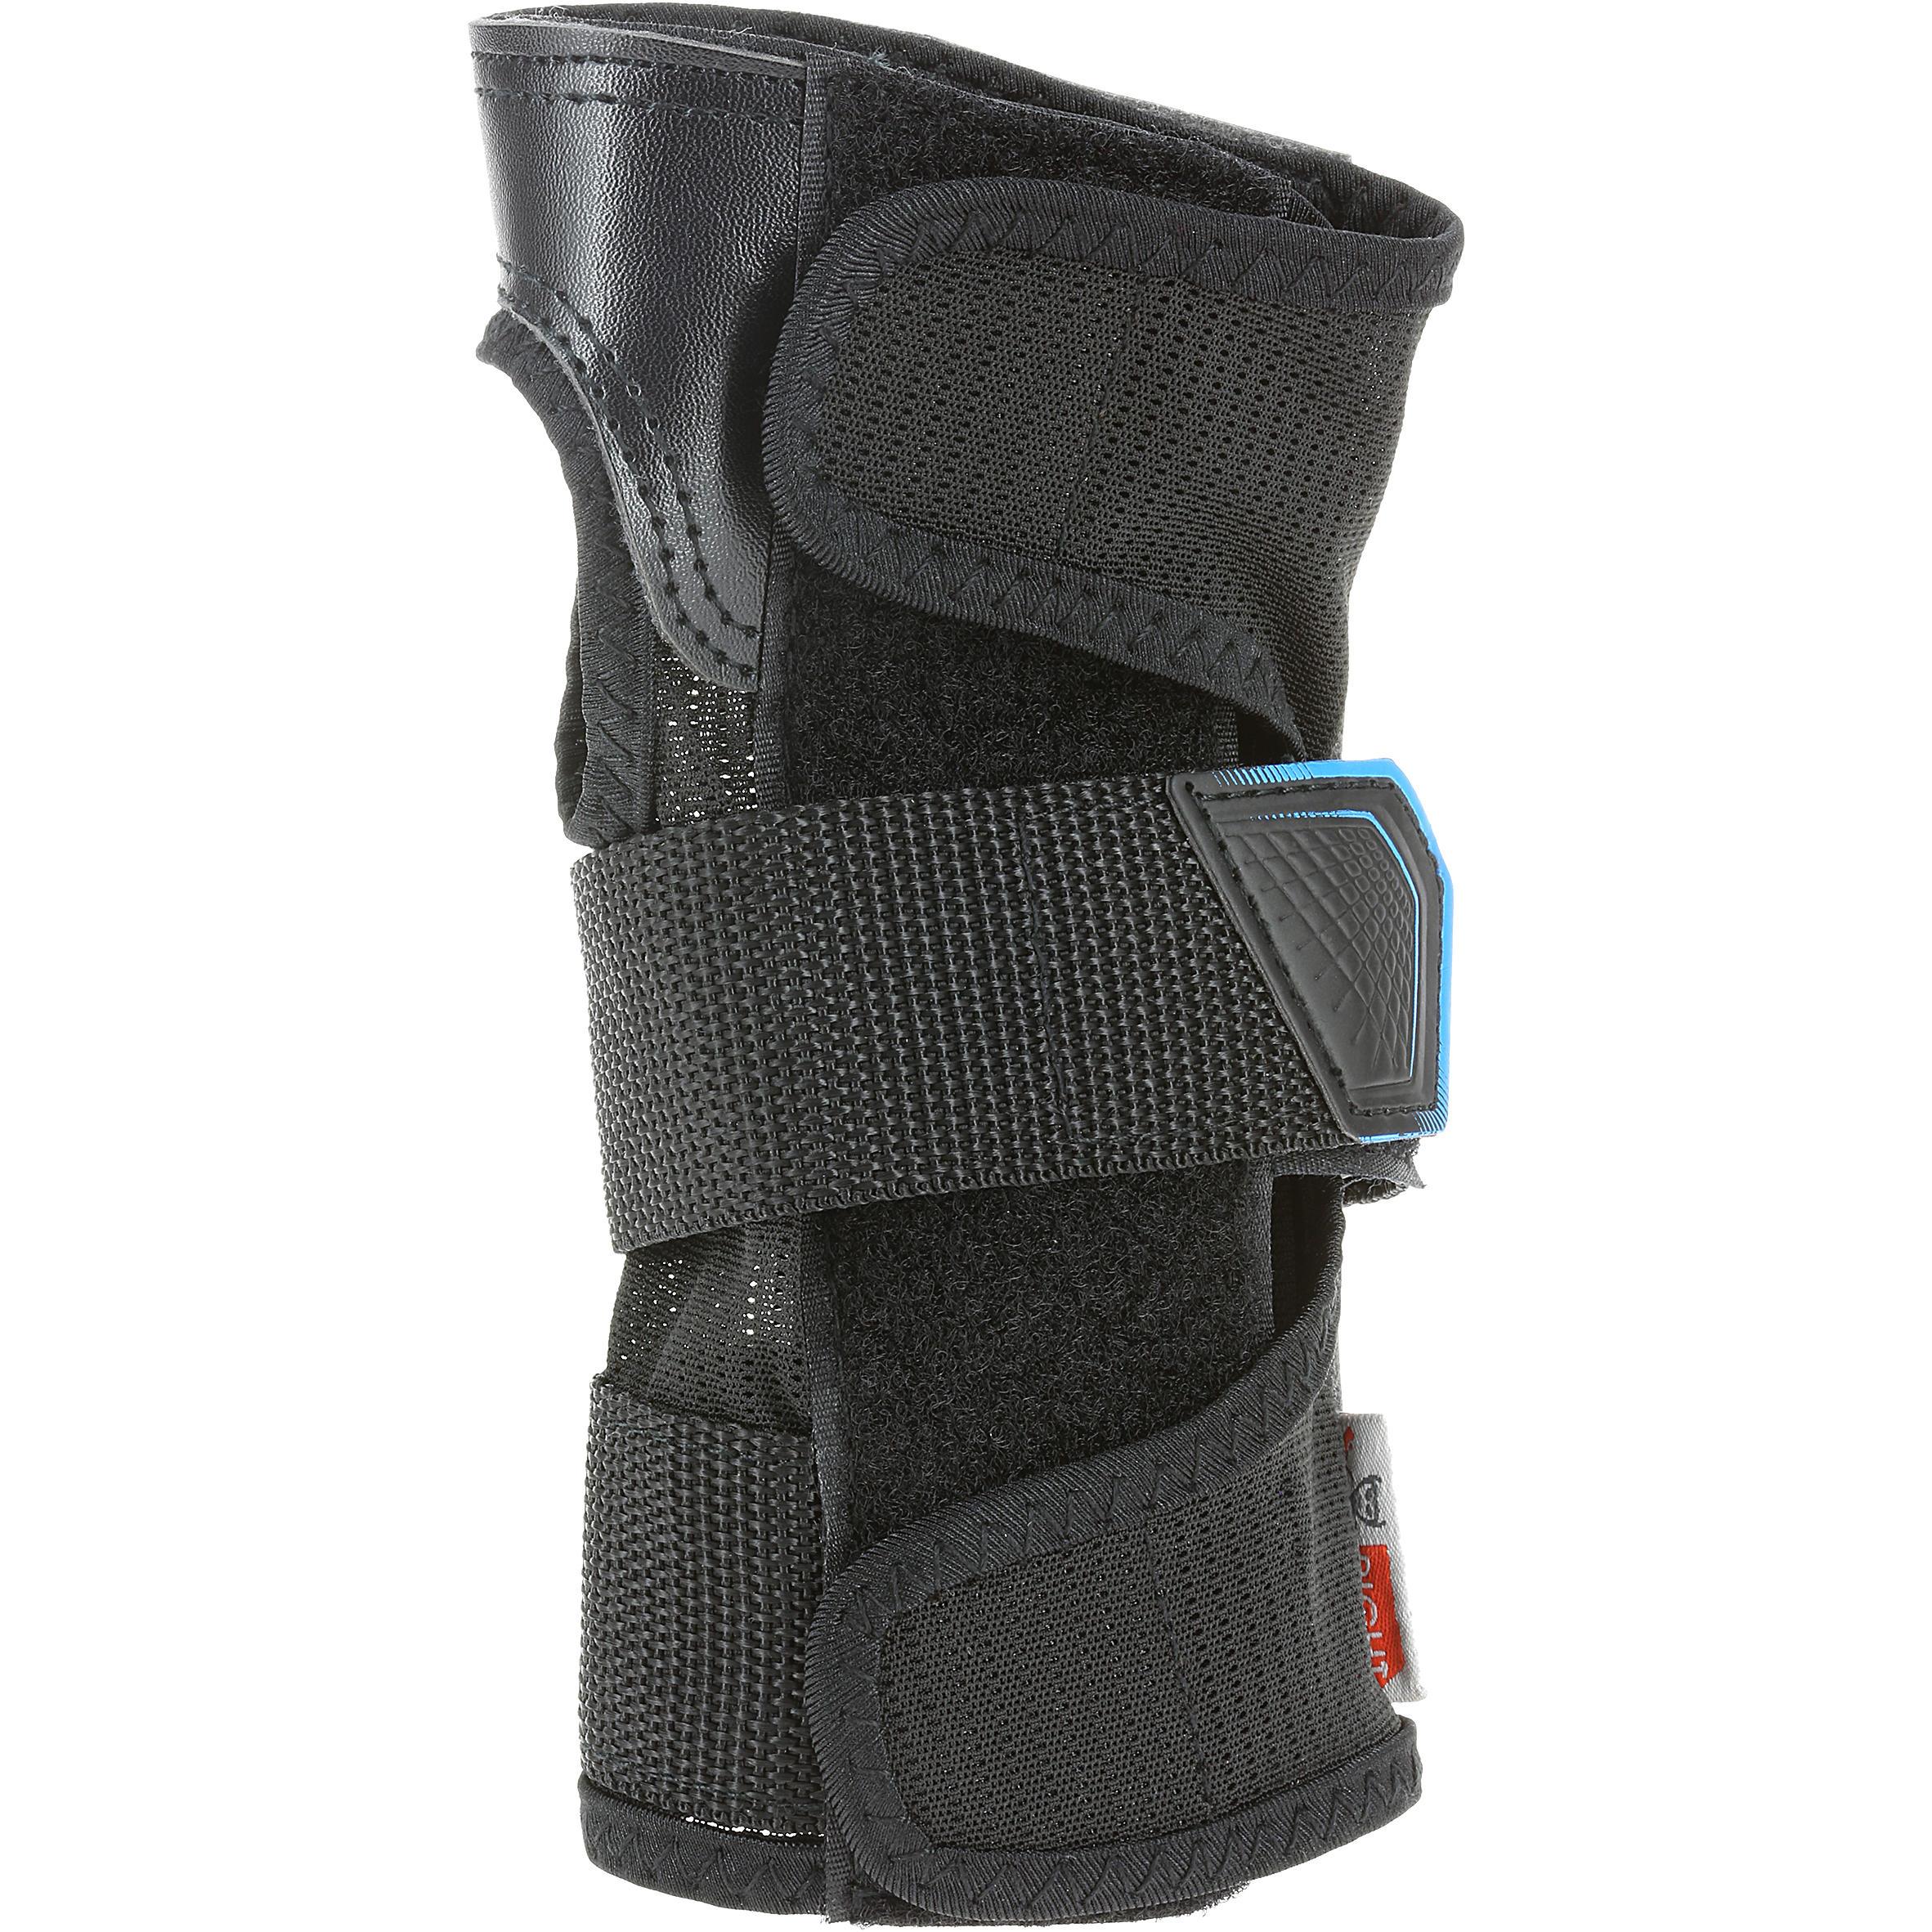 Set 3 protections roller skateboard trottinette adulte FIT500 noir bleu